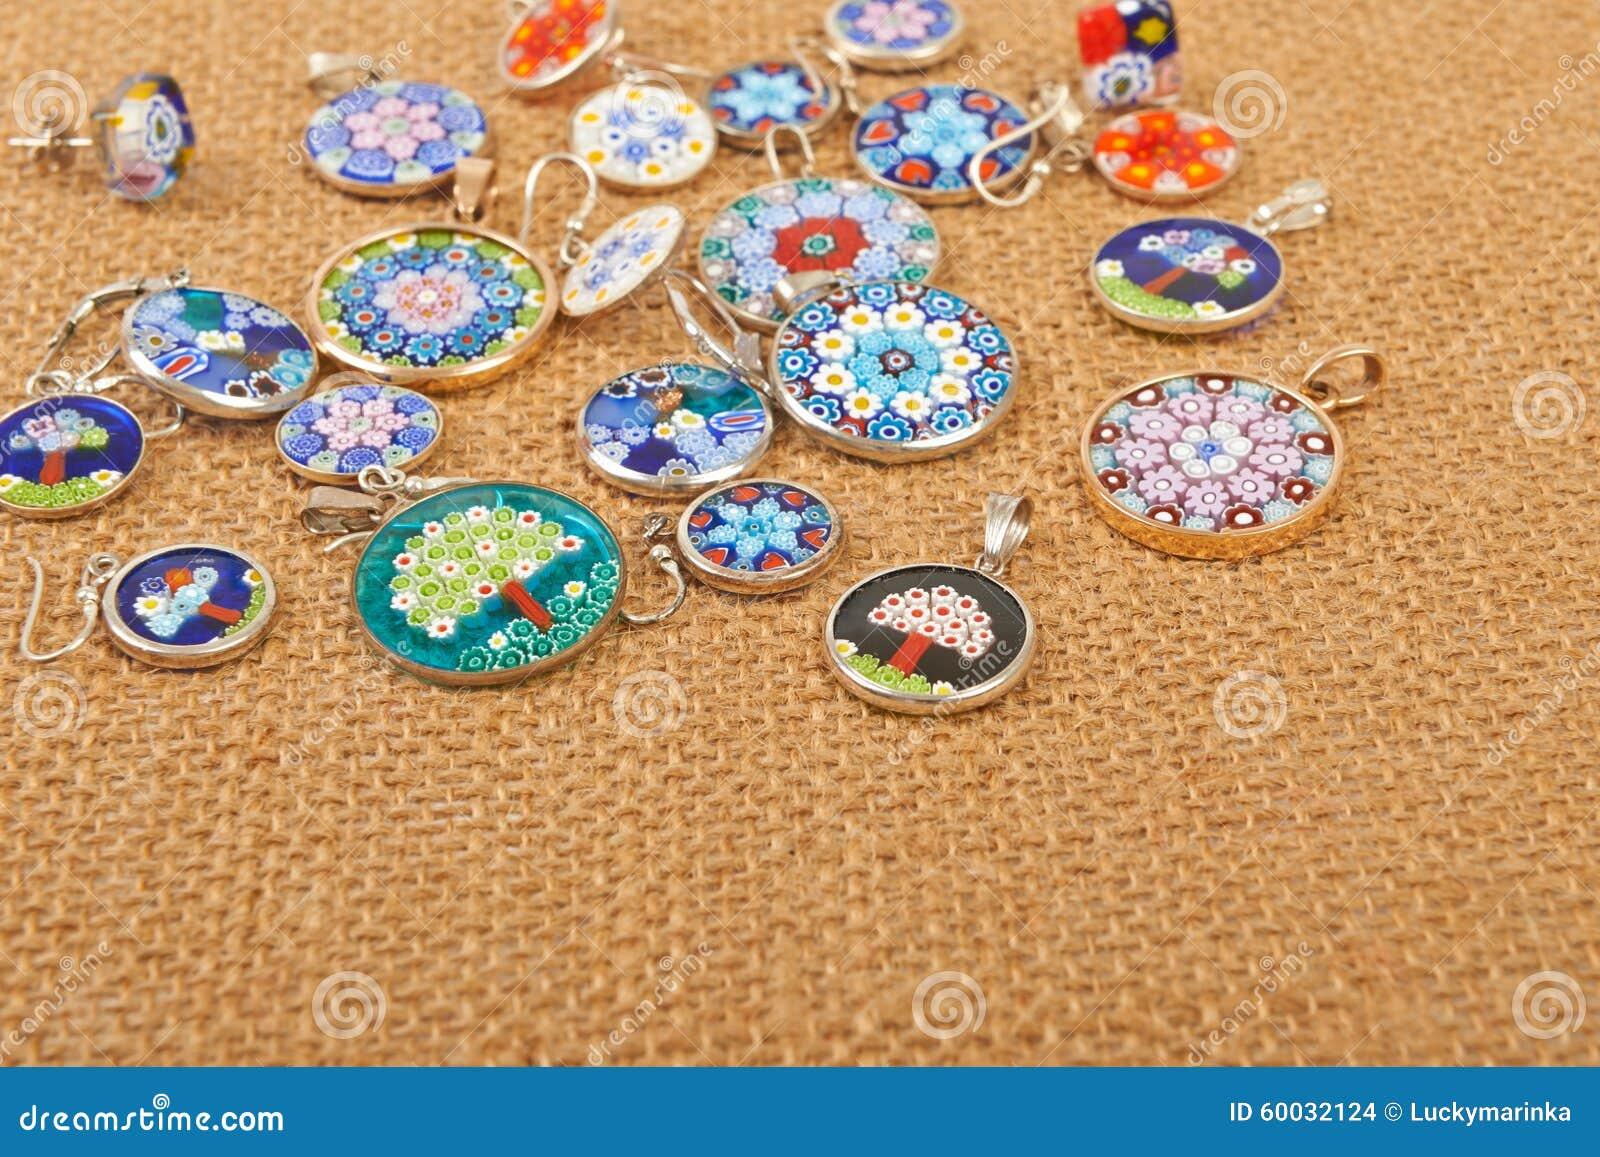 bijoux en verre de murano photo stock image 60032124. Black Bedroom Furniture Sets. Home Design Ideas